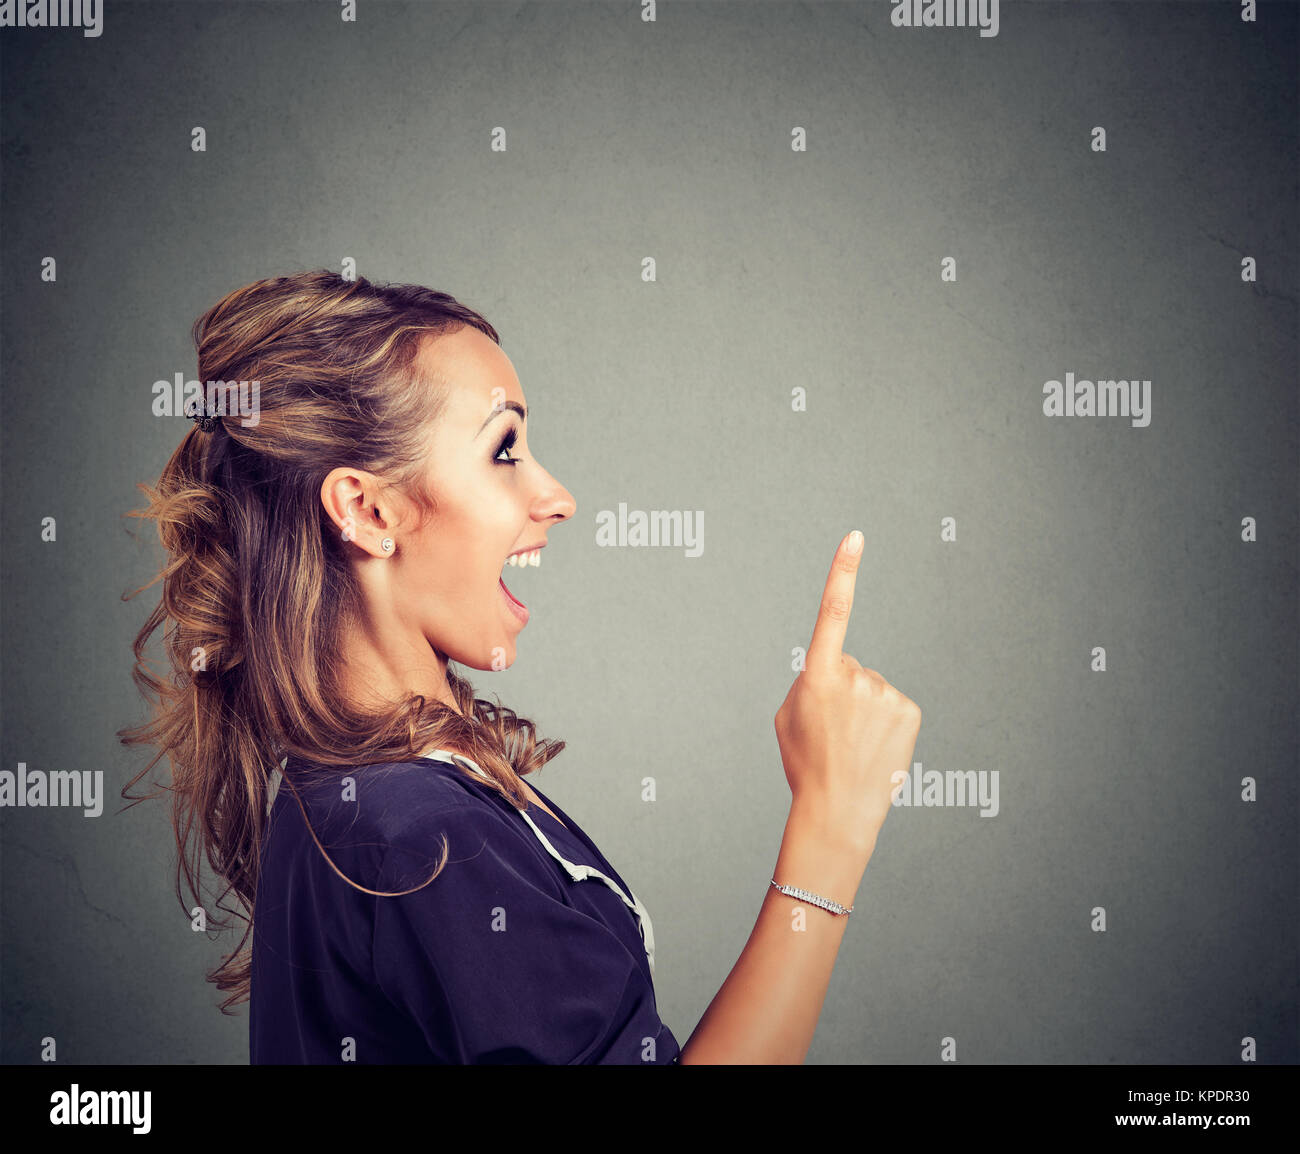 Seitenansicht des Inhalts Frau nach oben mit neuen geniale Idee begeistert. Stockbild